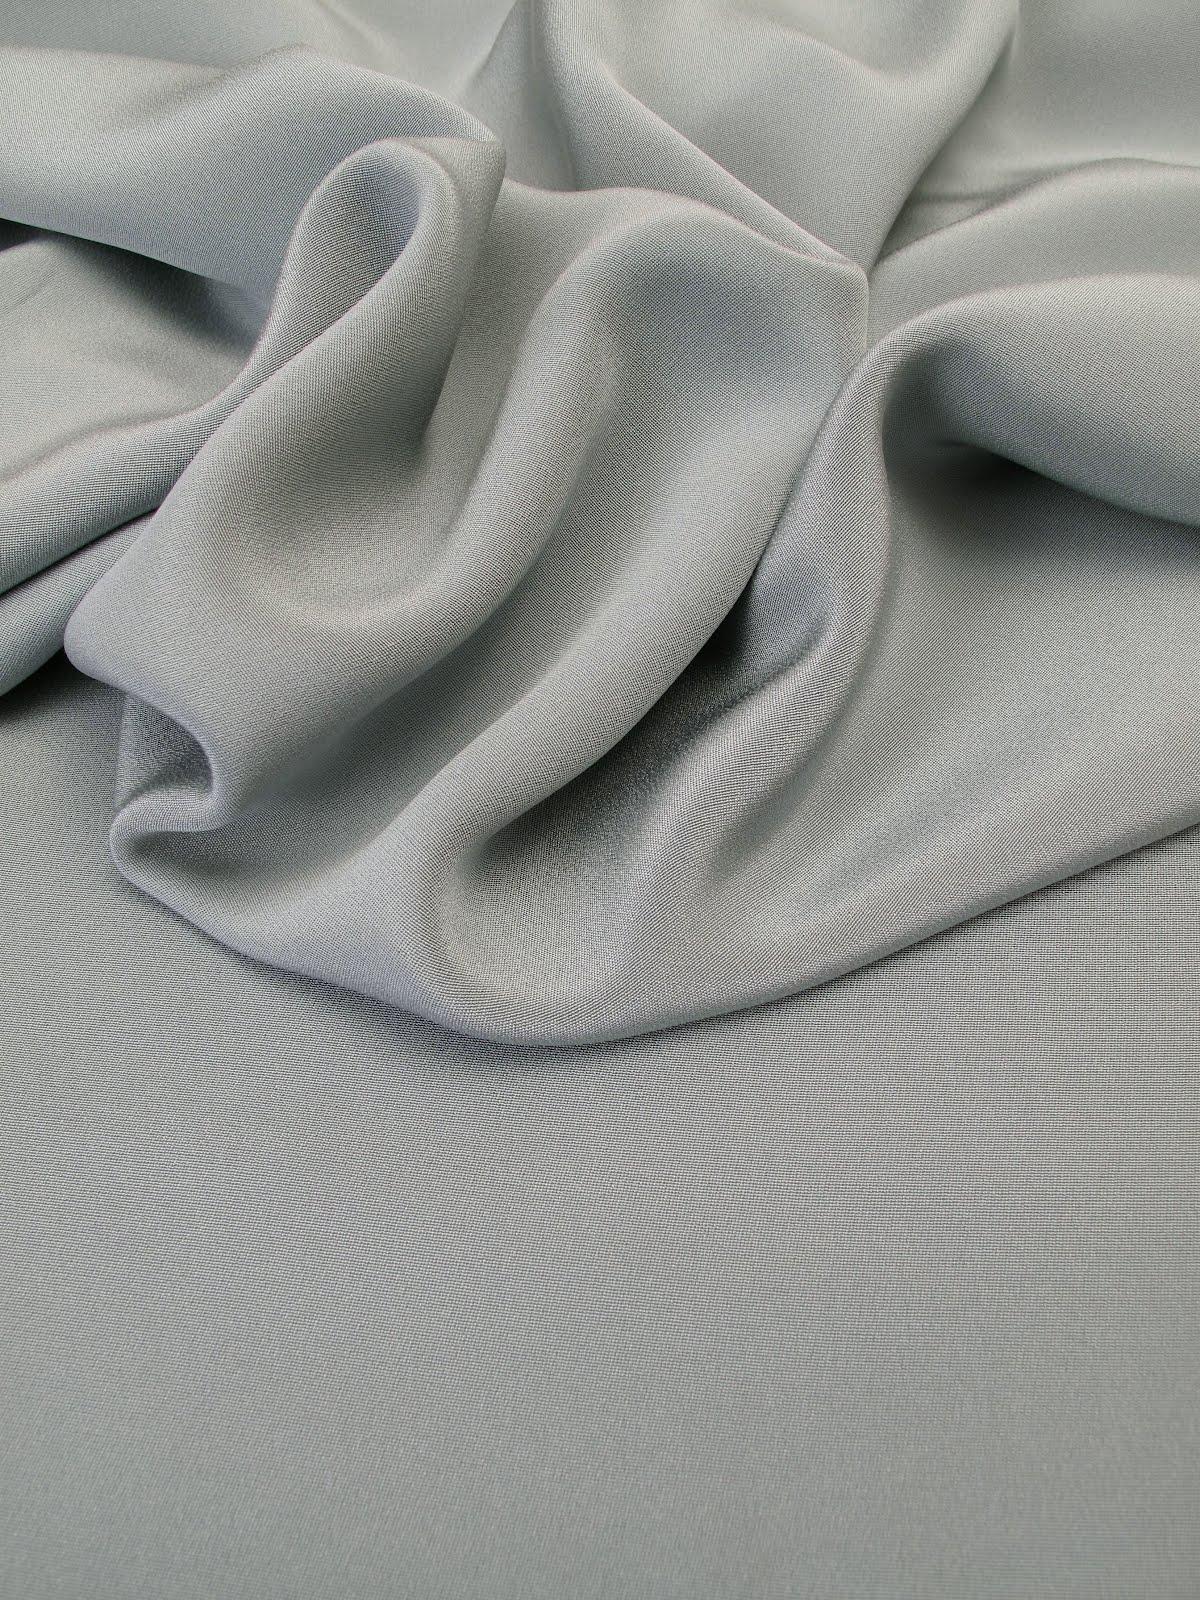 les nouveaut s au jour le jour chez stragier drap de soie ardoise. Black Bedroom Furniture Sets. Home Design Ideas